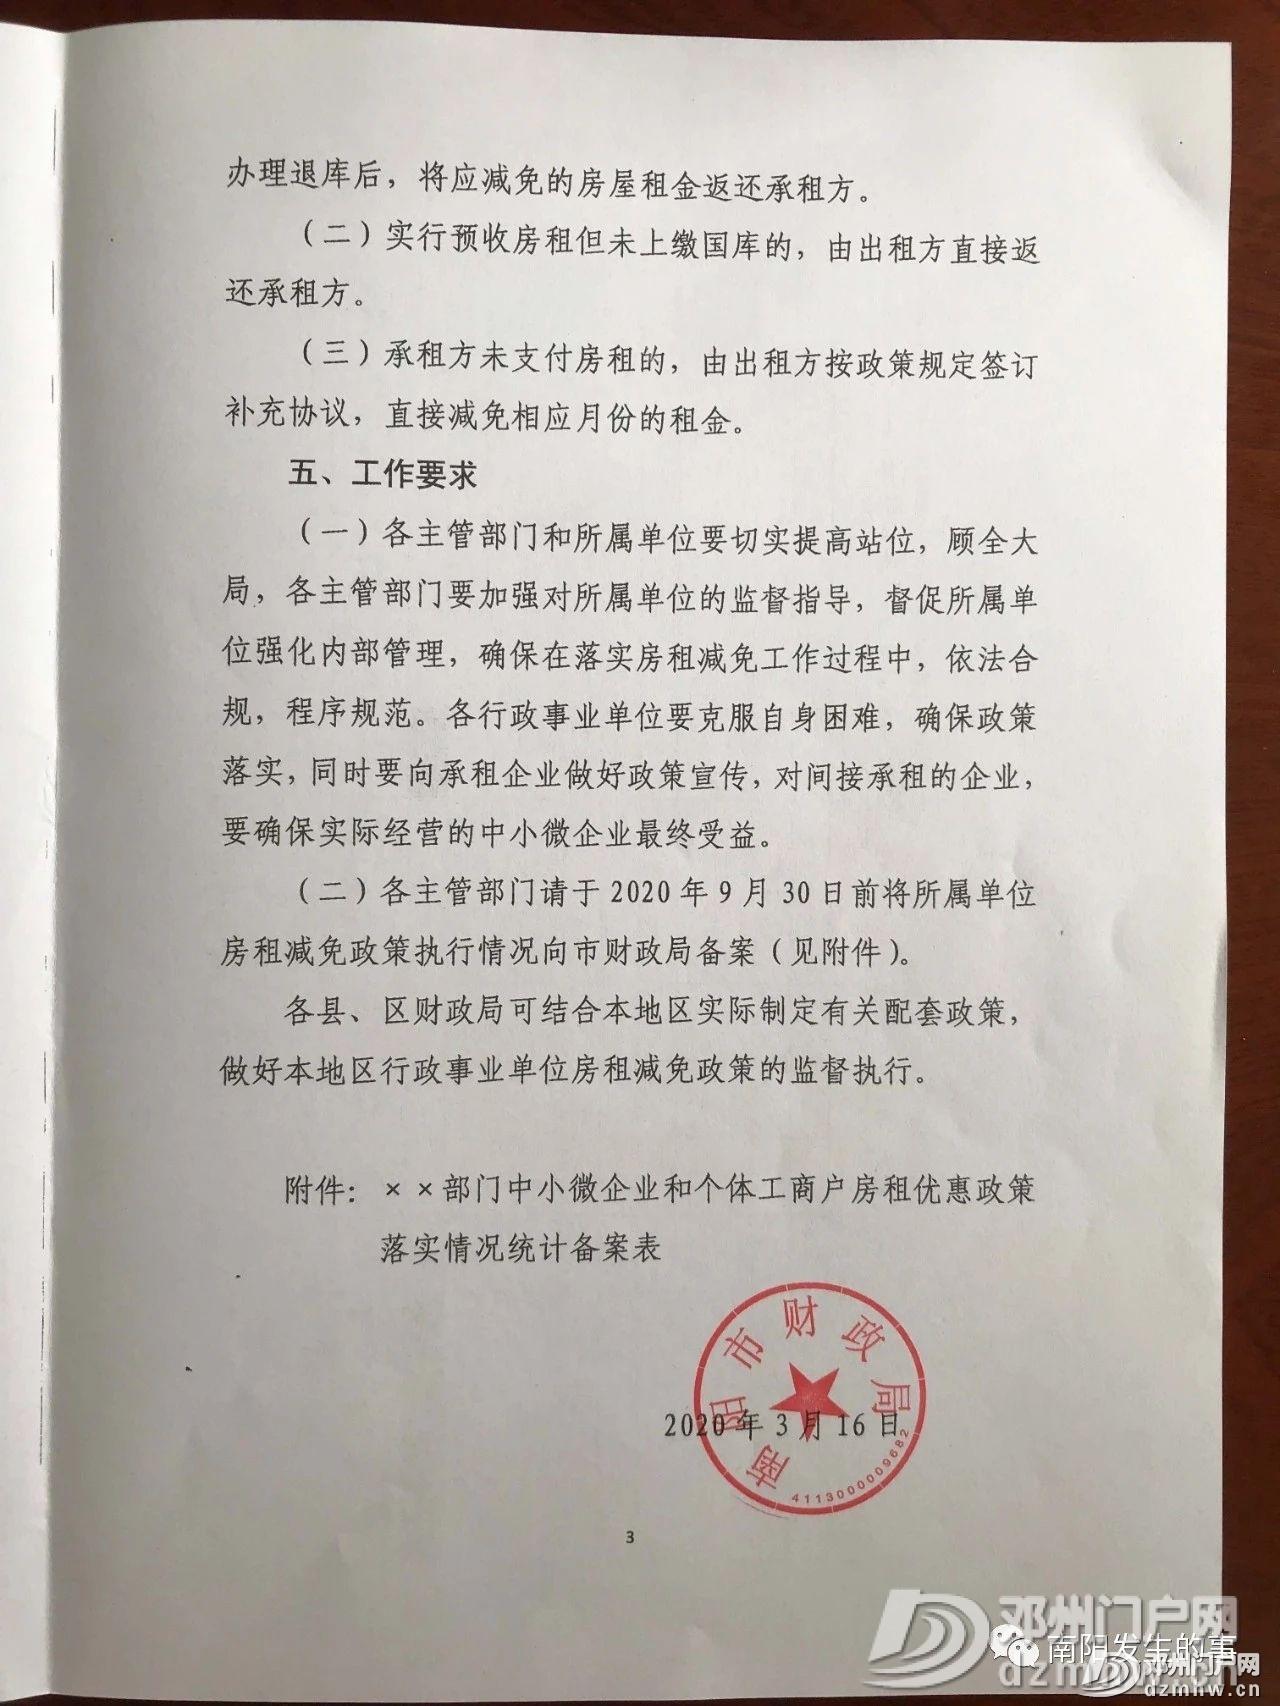 南阳市政府已出台减免房租政策,邓州房东与商家看过来.. - 邓州门户网|邓州网 - 7ae827a9256635f78d2038804ac6b3a1.jpg